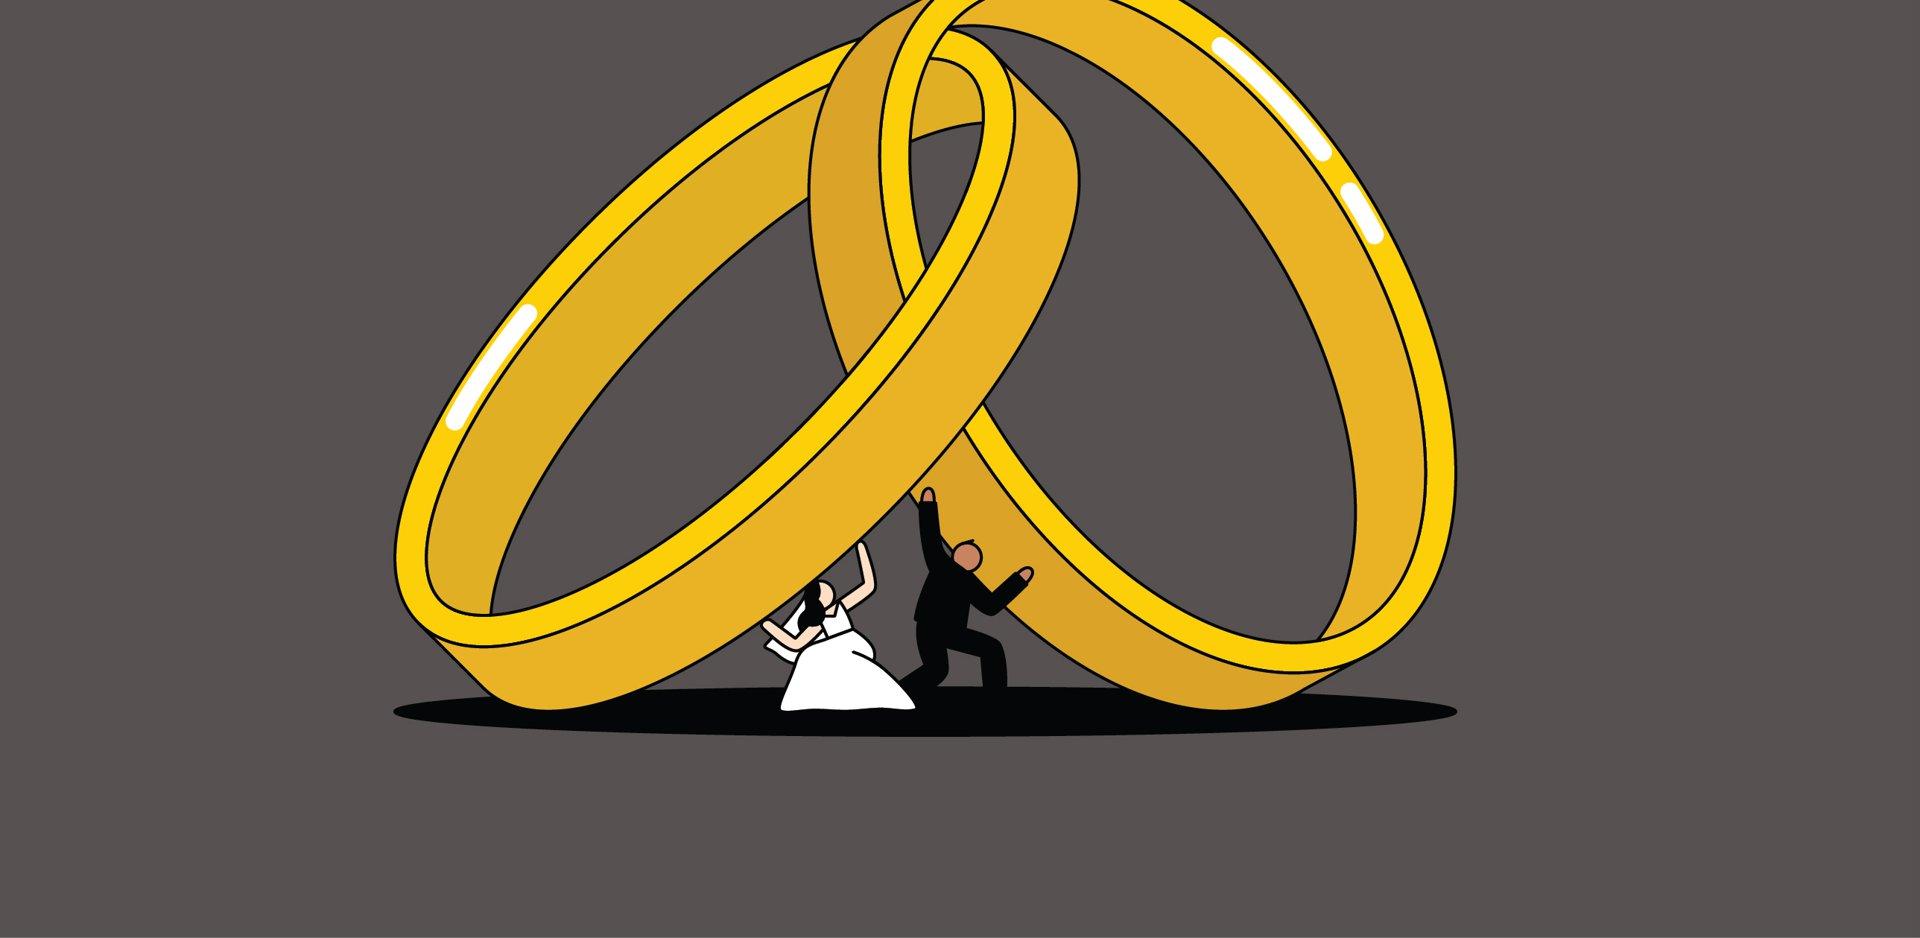 Pesë gjërat më të rëndësishme që të gjithë meshkujt kërkojnë nga martesa